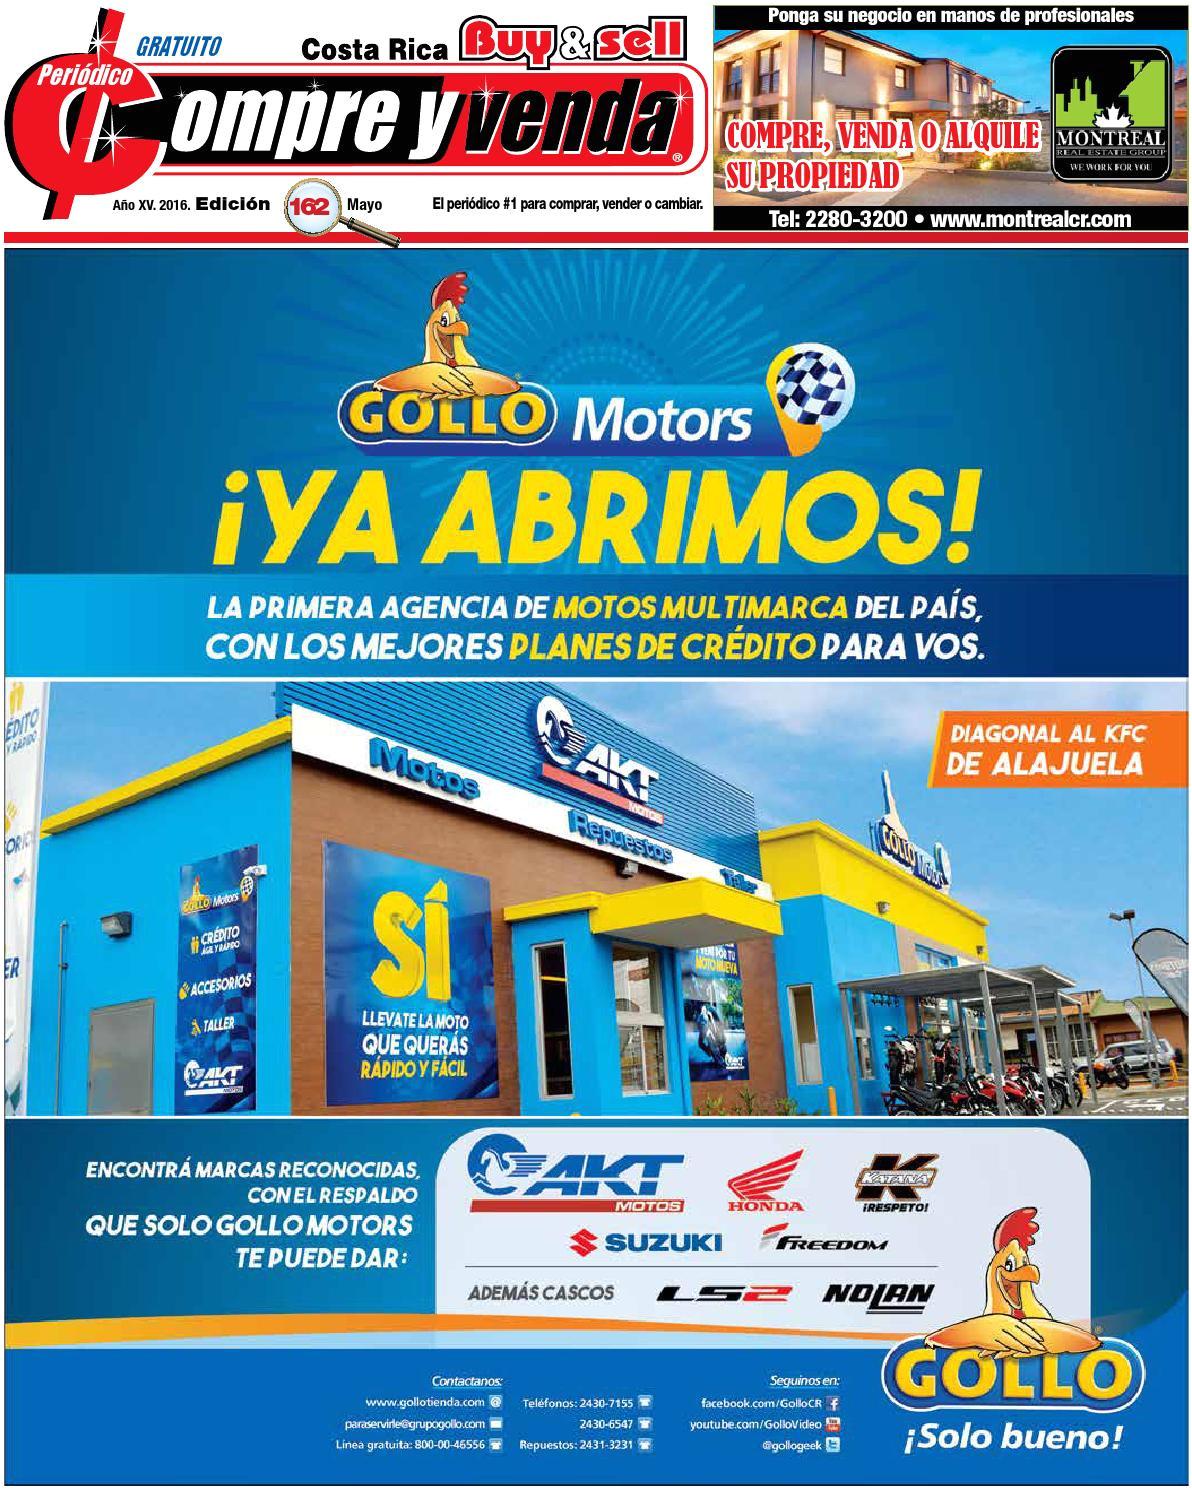 Ollas De Presion Walmart Costa Rica Peria Dico Compre Y Venda Edicia N 162 Del Mes De Mayo Del 2016 by